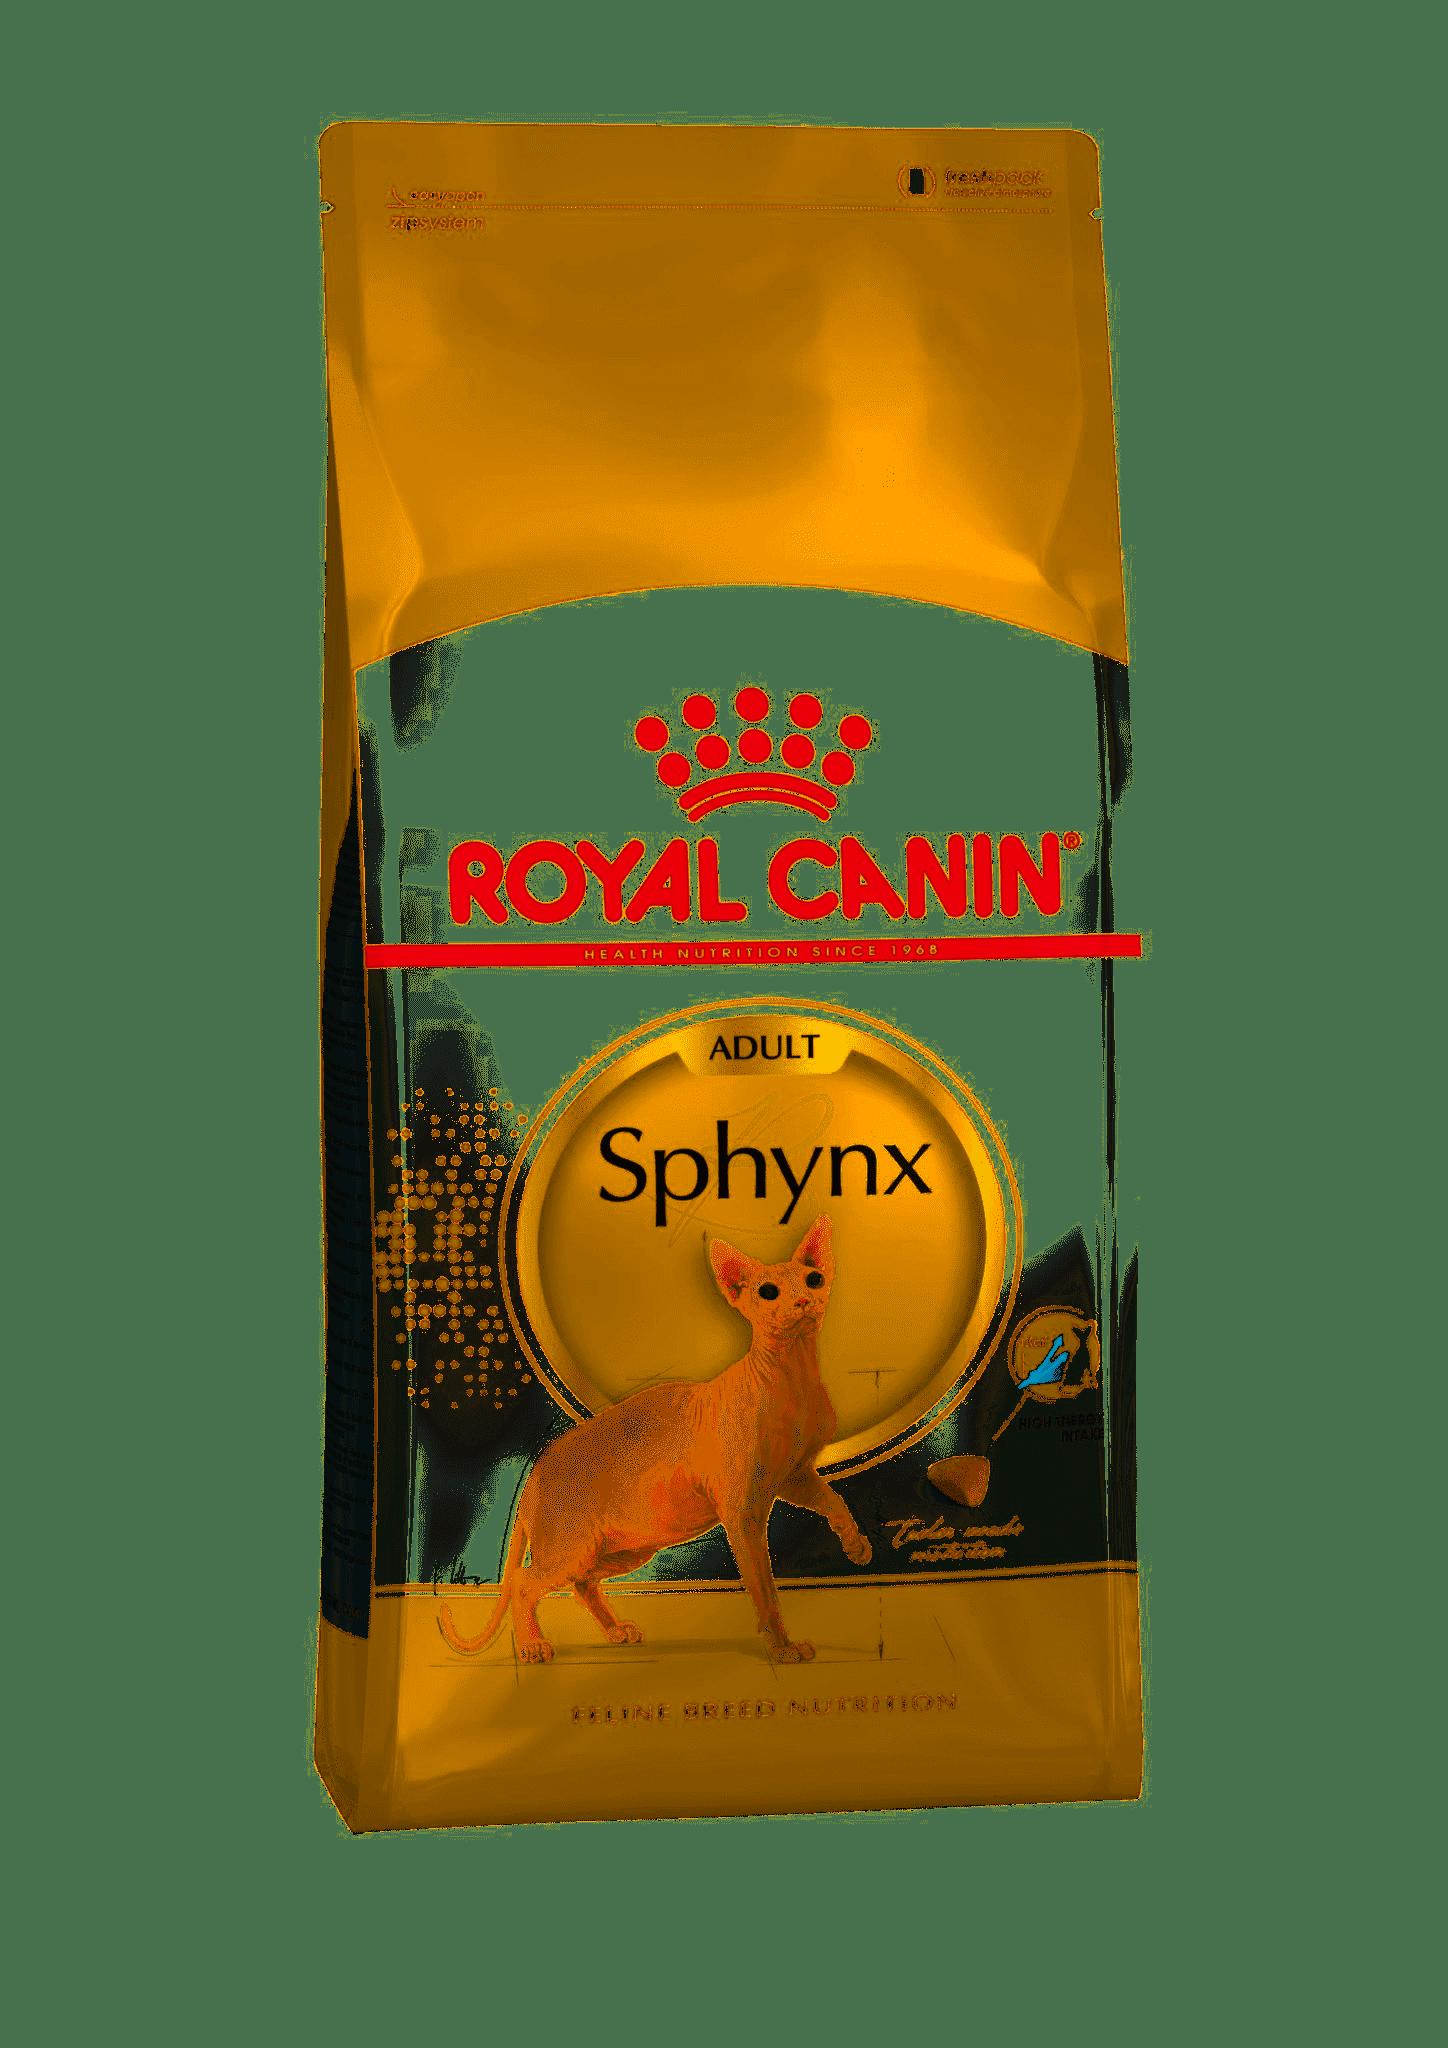 Royal Canin Sphynx Adult для взрослых кошек породы сфинкс, Cat Food, For Cats, 10 кг